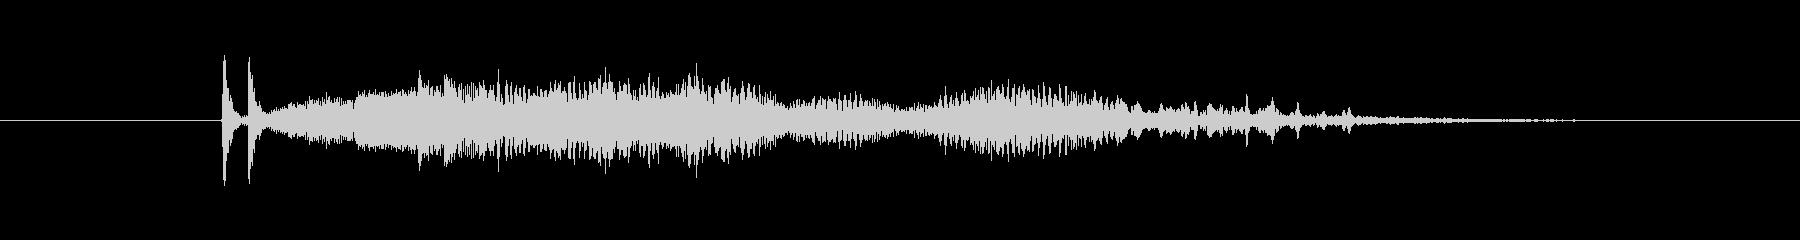 特撮 SFブリープ10の未再生の波形